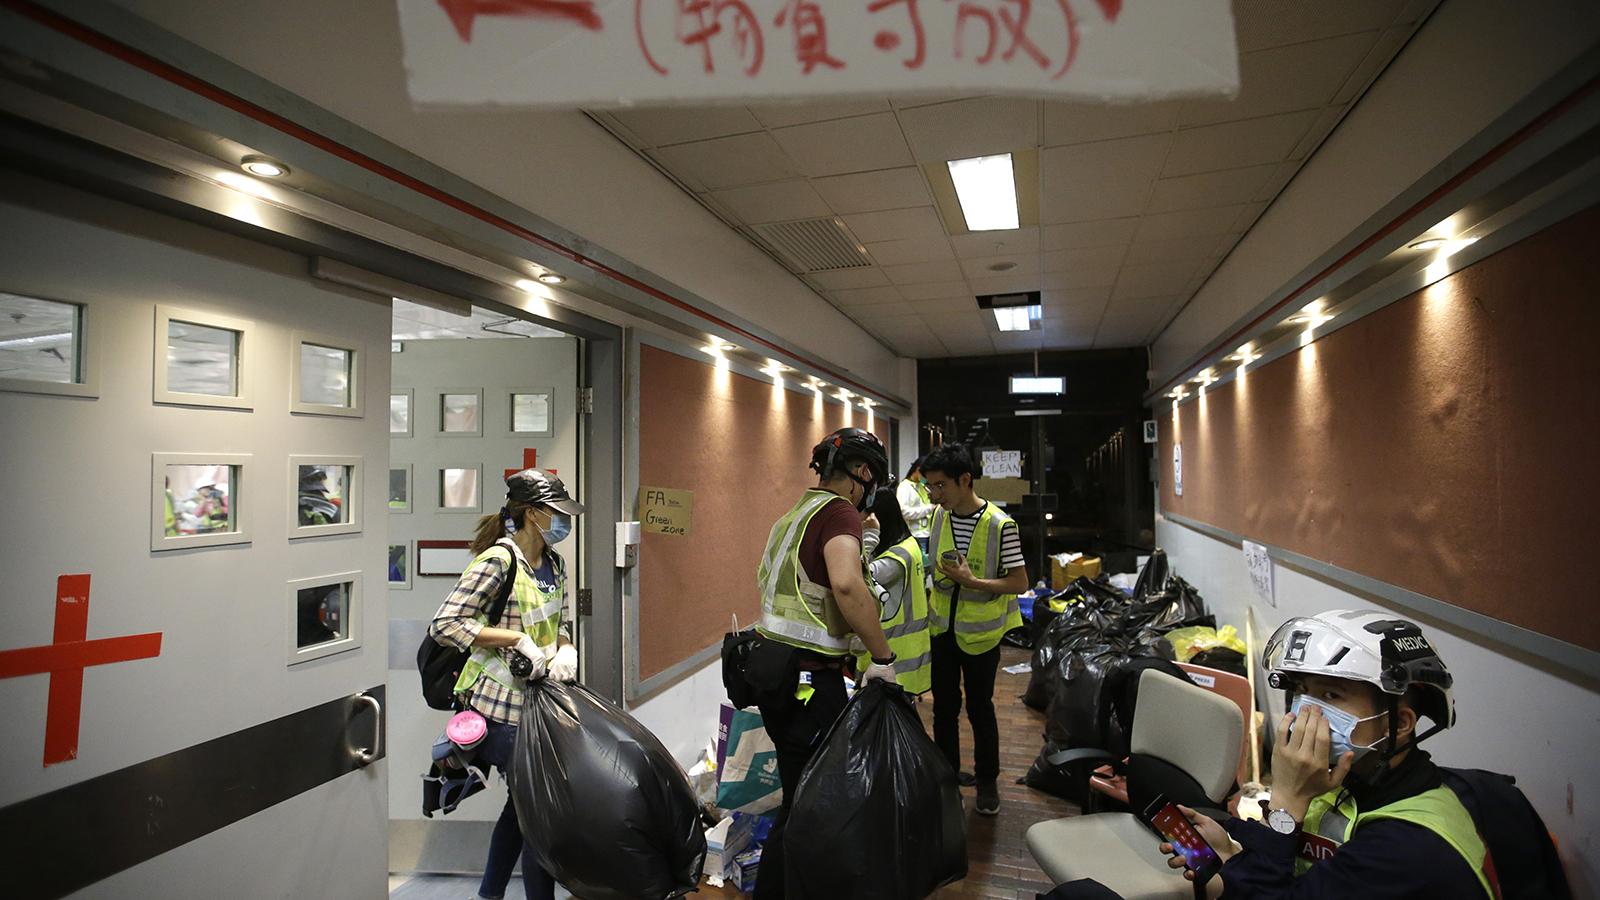 2019年11月19日,香港的医疗志愿者在香港理工大学内整理物品。(美联社)